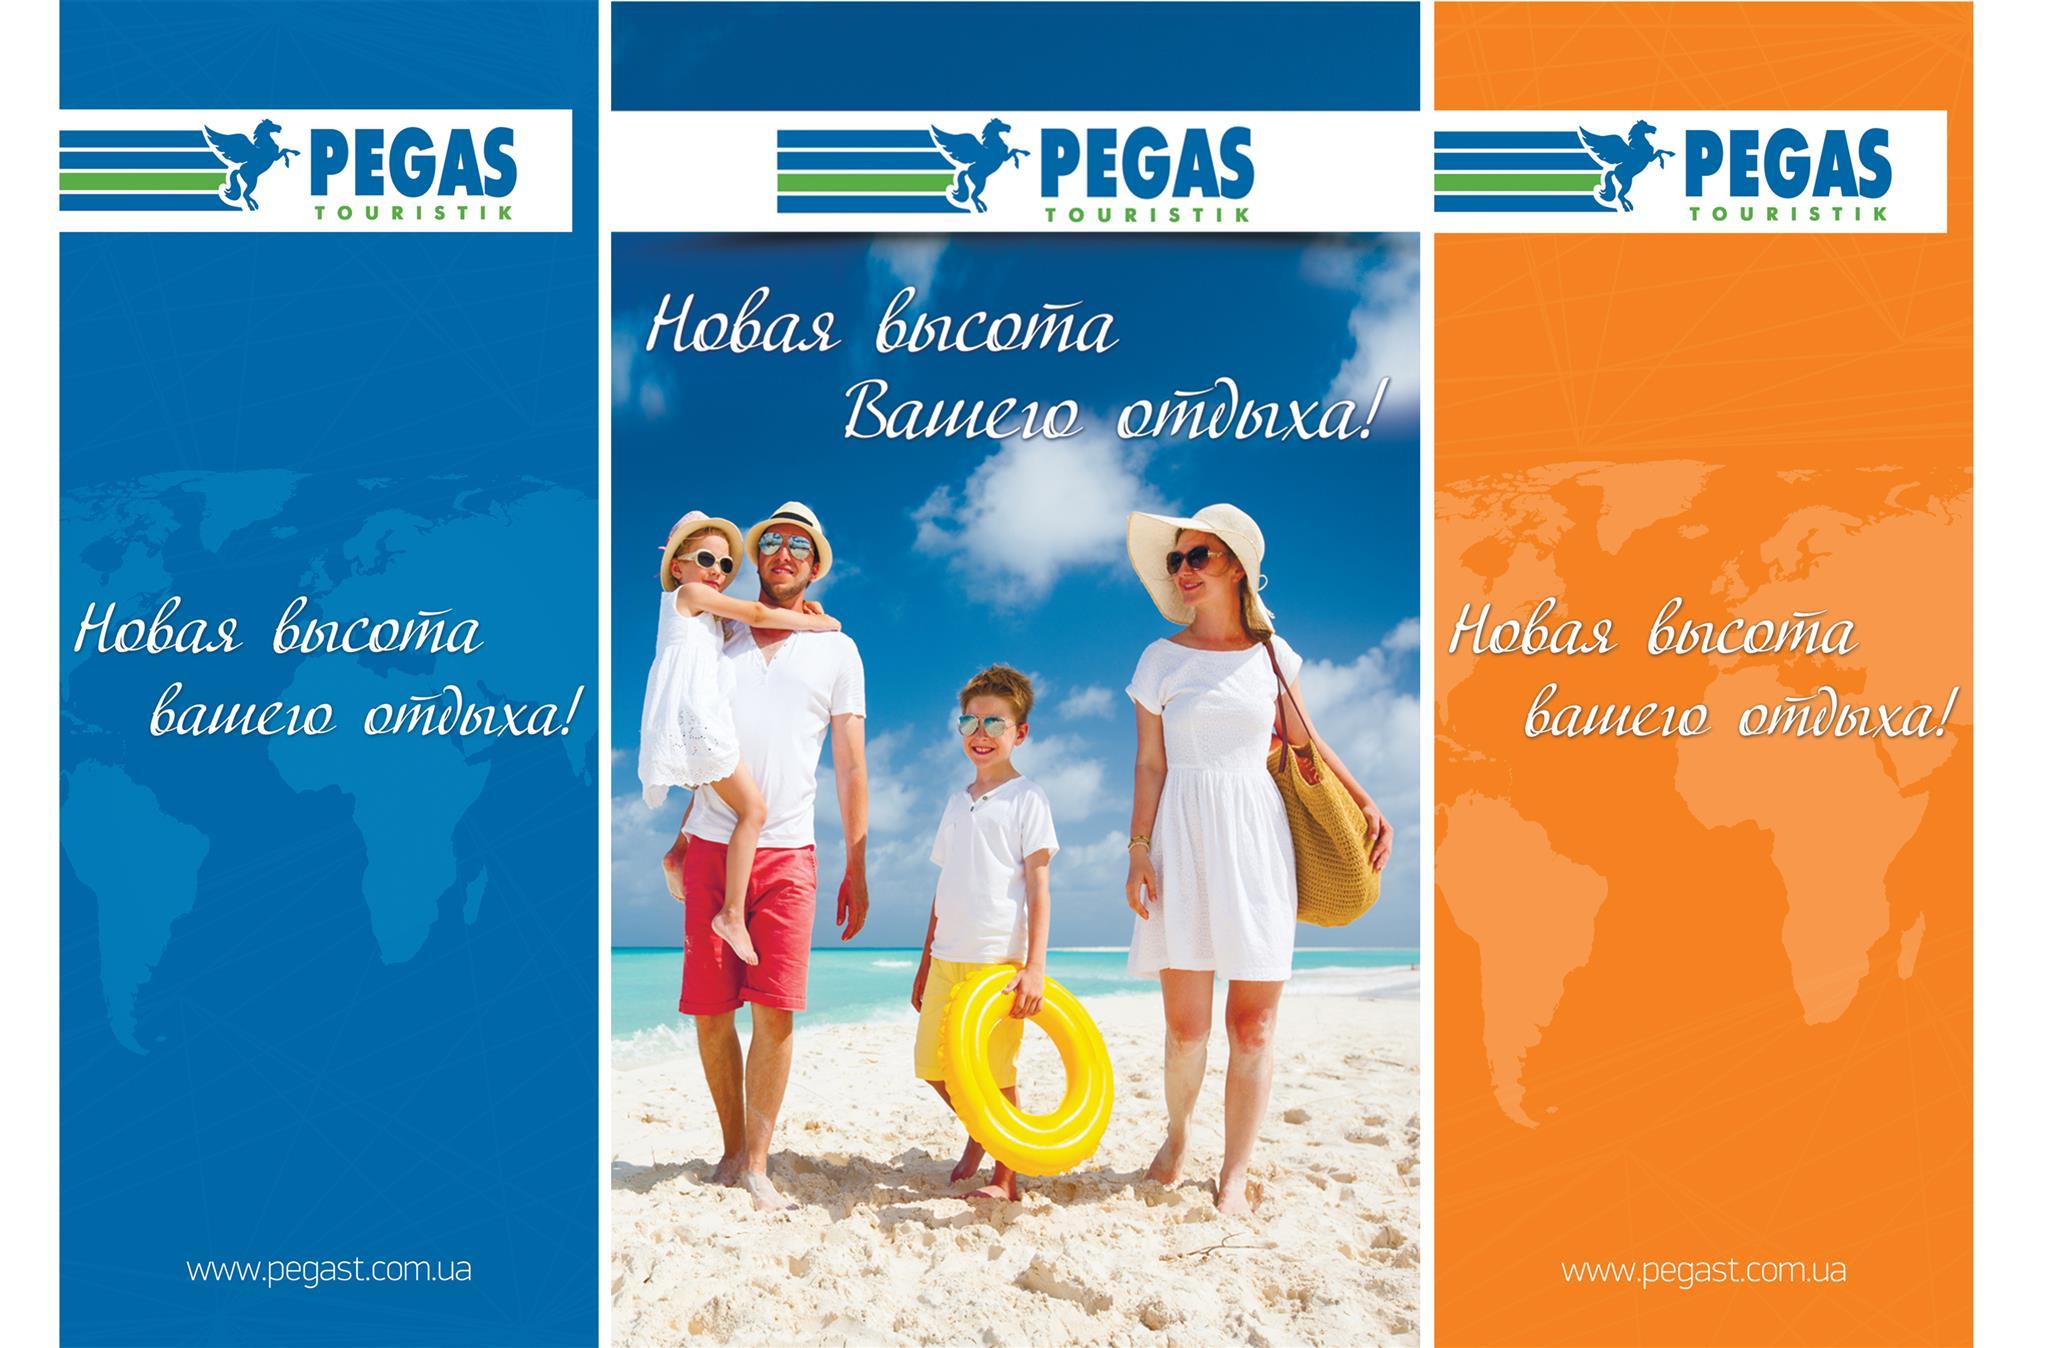 Мобильные cтенды Roll-Up для PEGAS Touristik